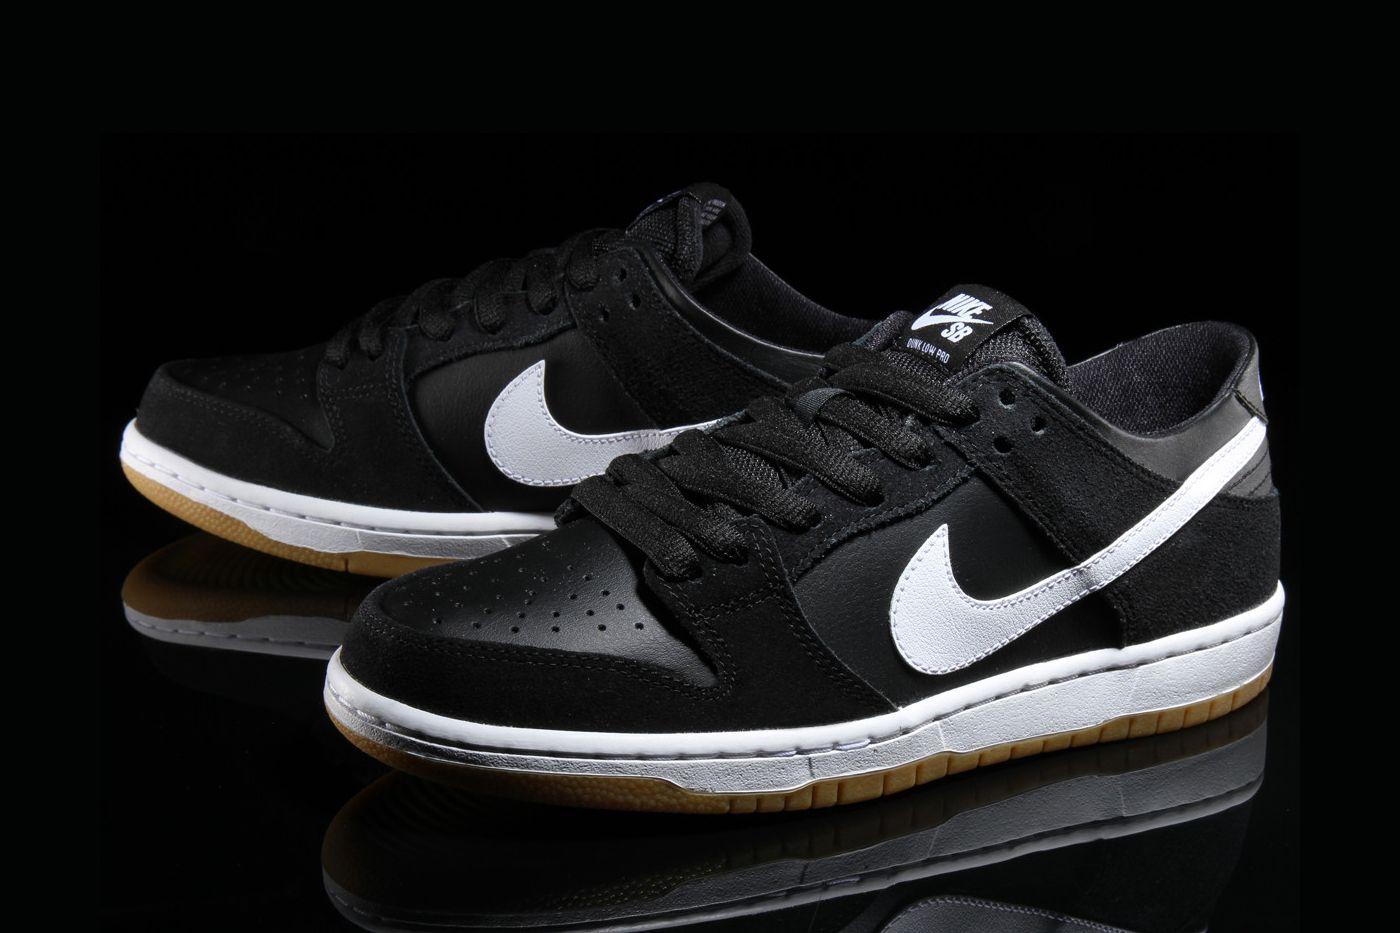 visite de sortie LIQUIDATION Nike Dunk Low Pro Feuilles De Gomme Noire prix en ligne KUpU1SyH